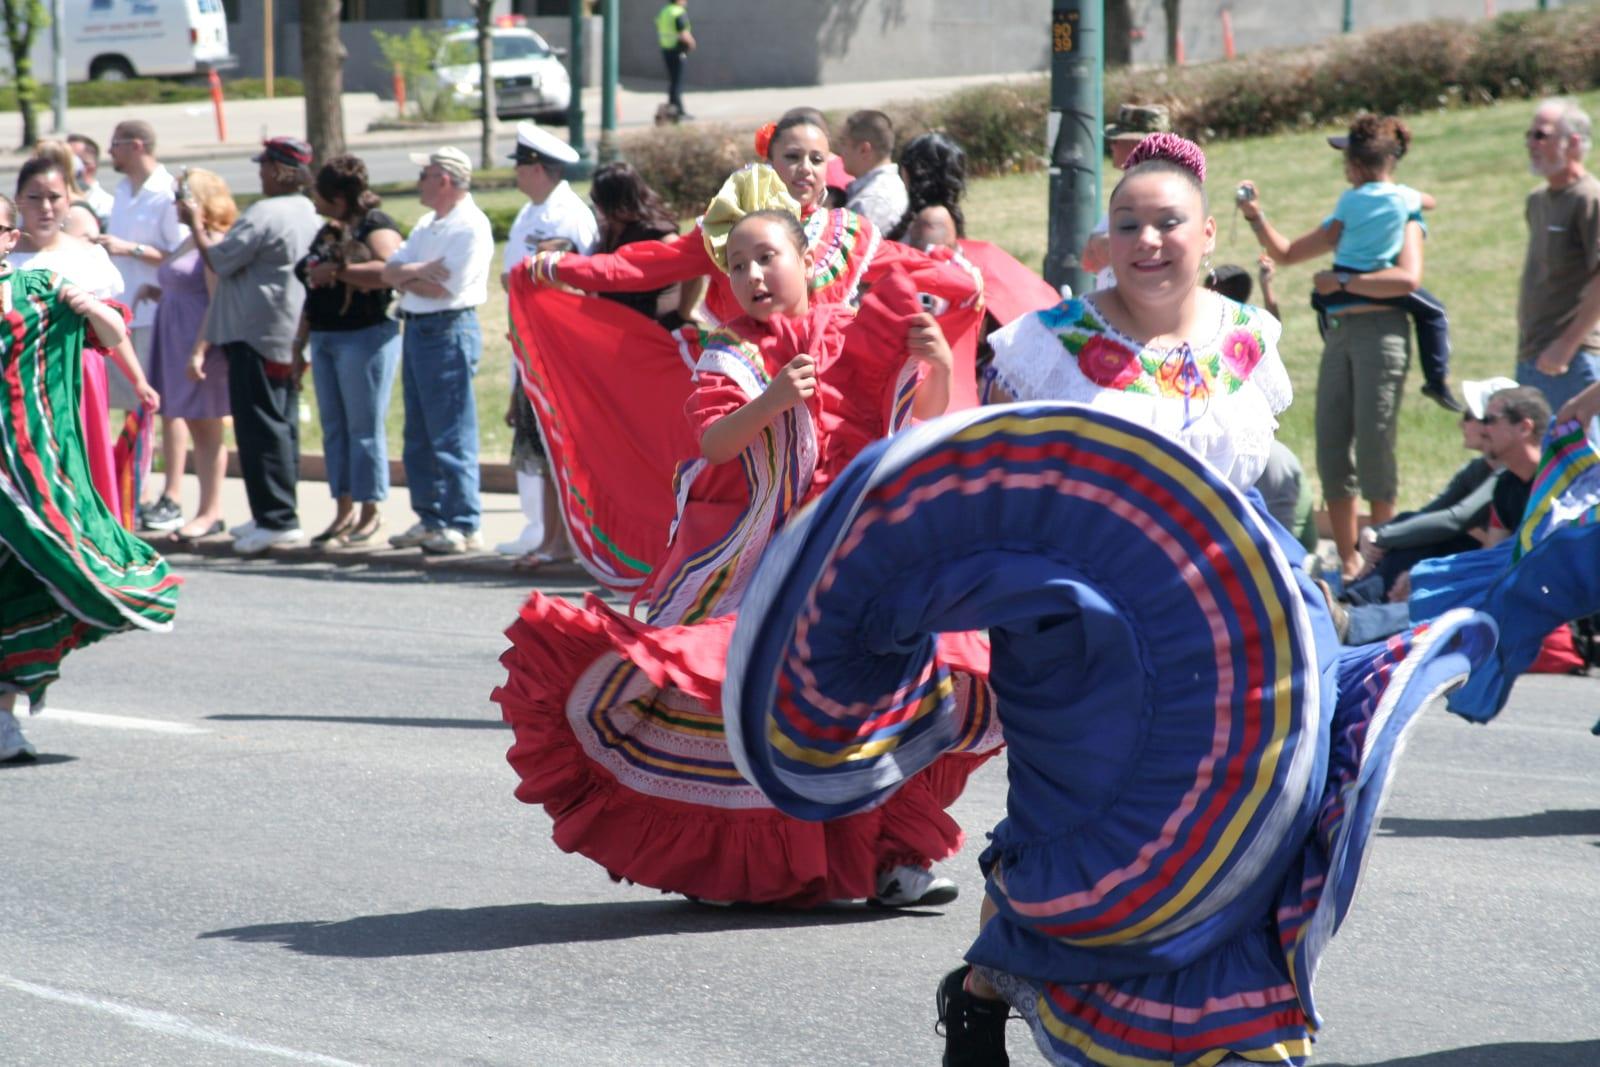 Cindo de Mayo Festival Parade Dancers